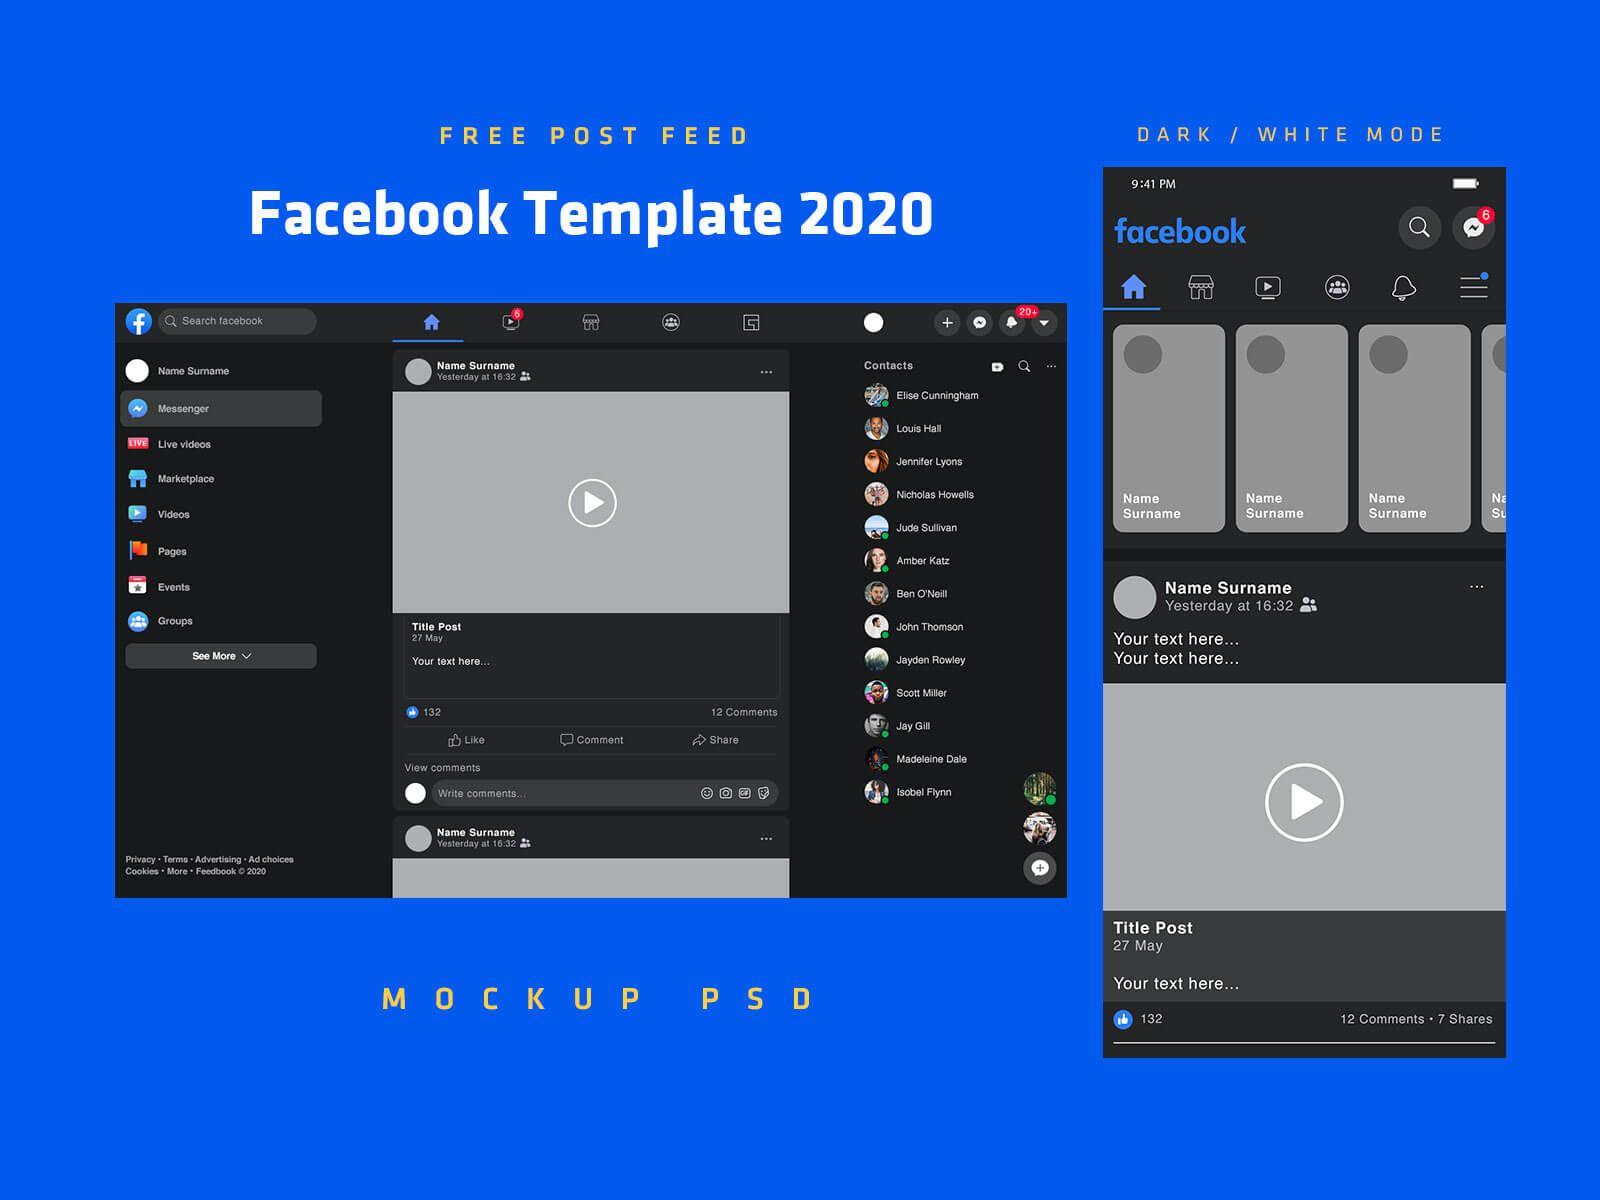 Free Mobile Desktop Facebook Post Feed Template 2020 Mockup Psd Set Good Mockups Mockup Psd Facebook Post Template Facebook Posts